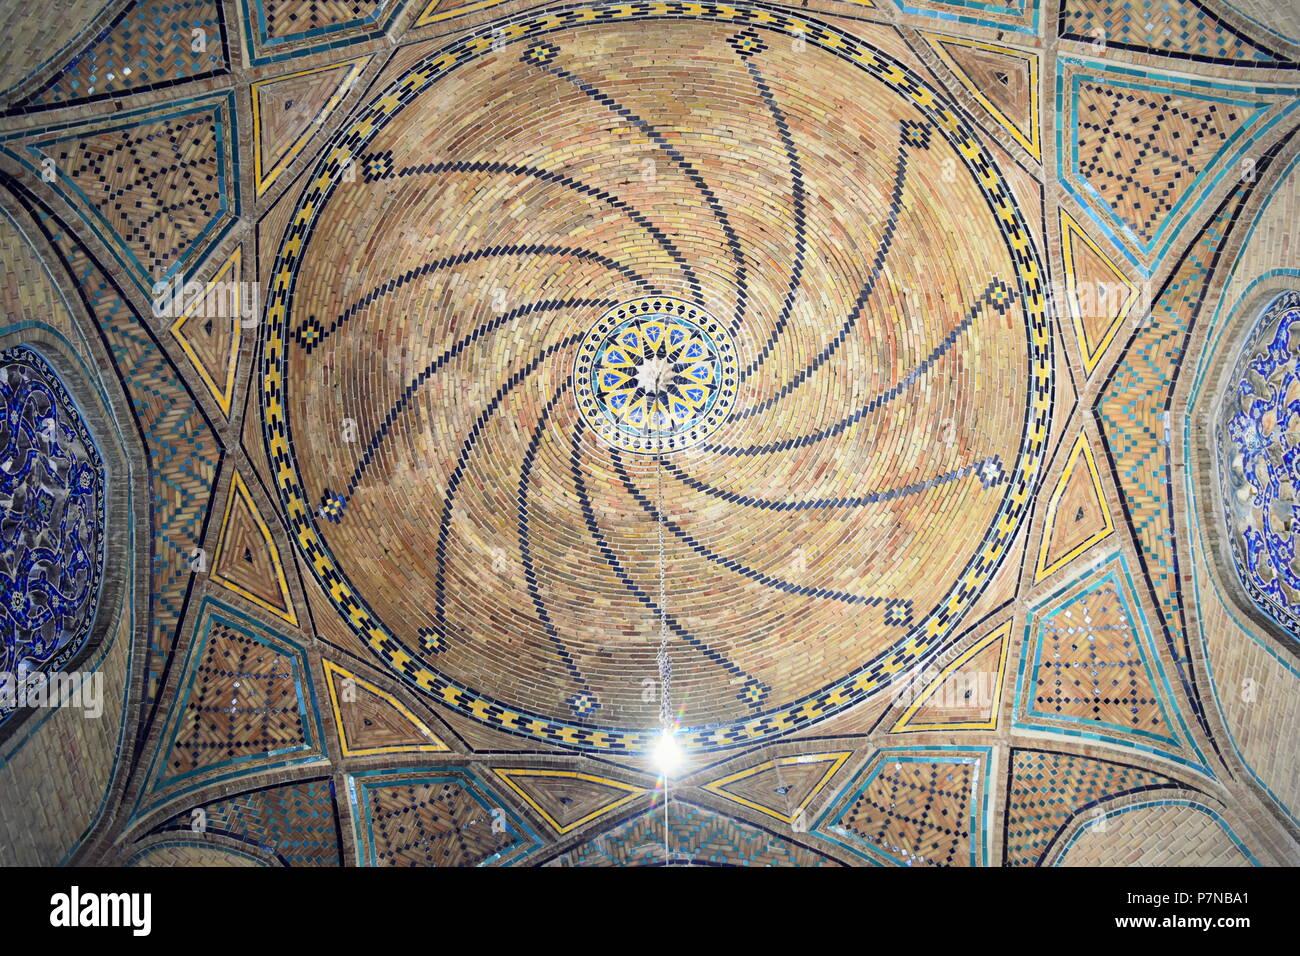 Architettura islamica cupola a spirale una decorazione sulla Via della Seta era Ali Qapu cancello di Qazvin, Iran Immagini Stock